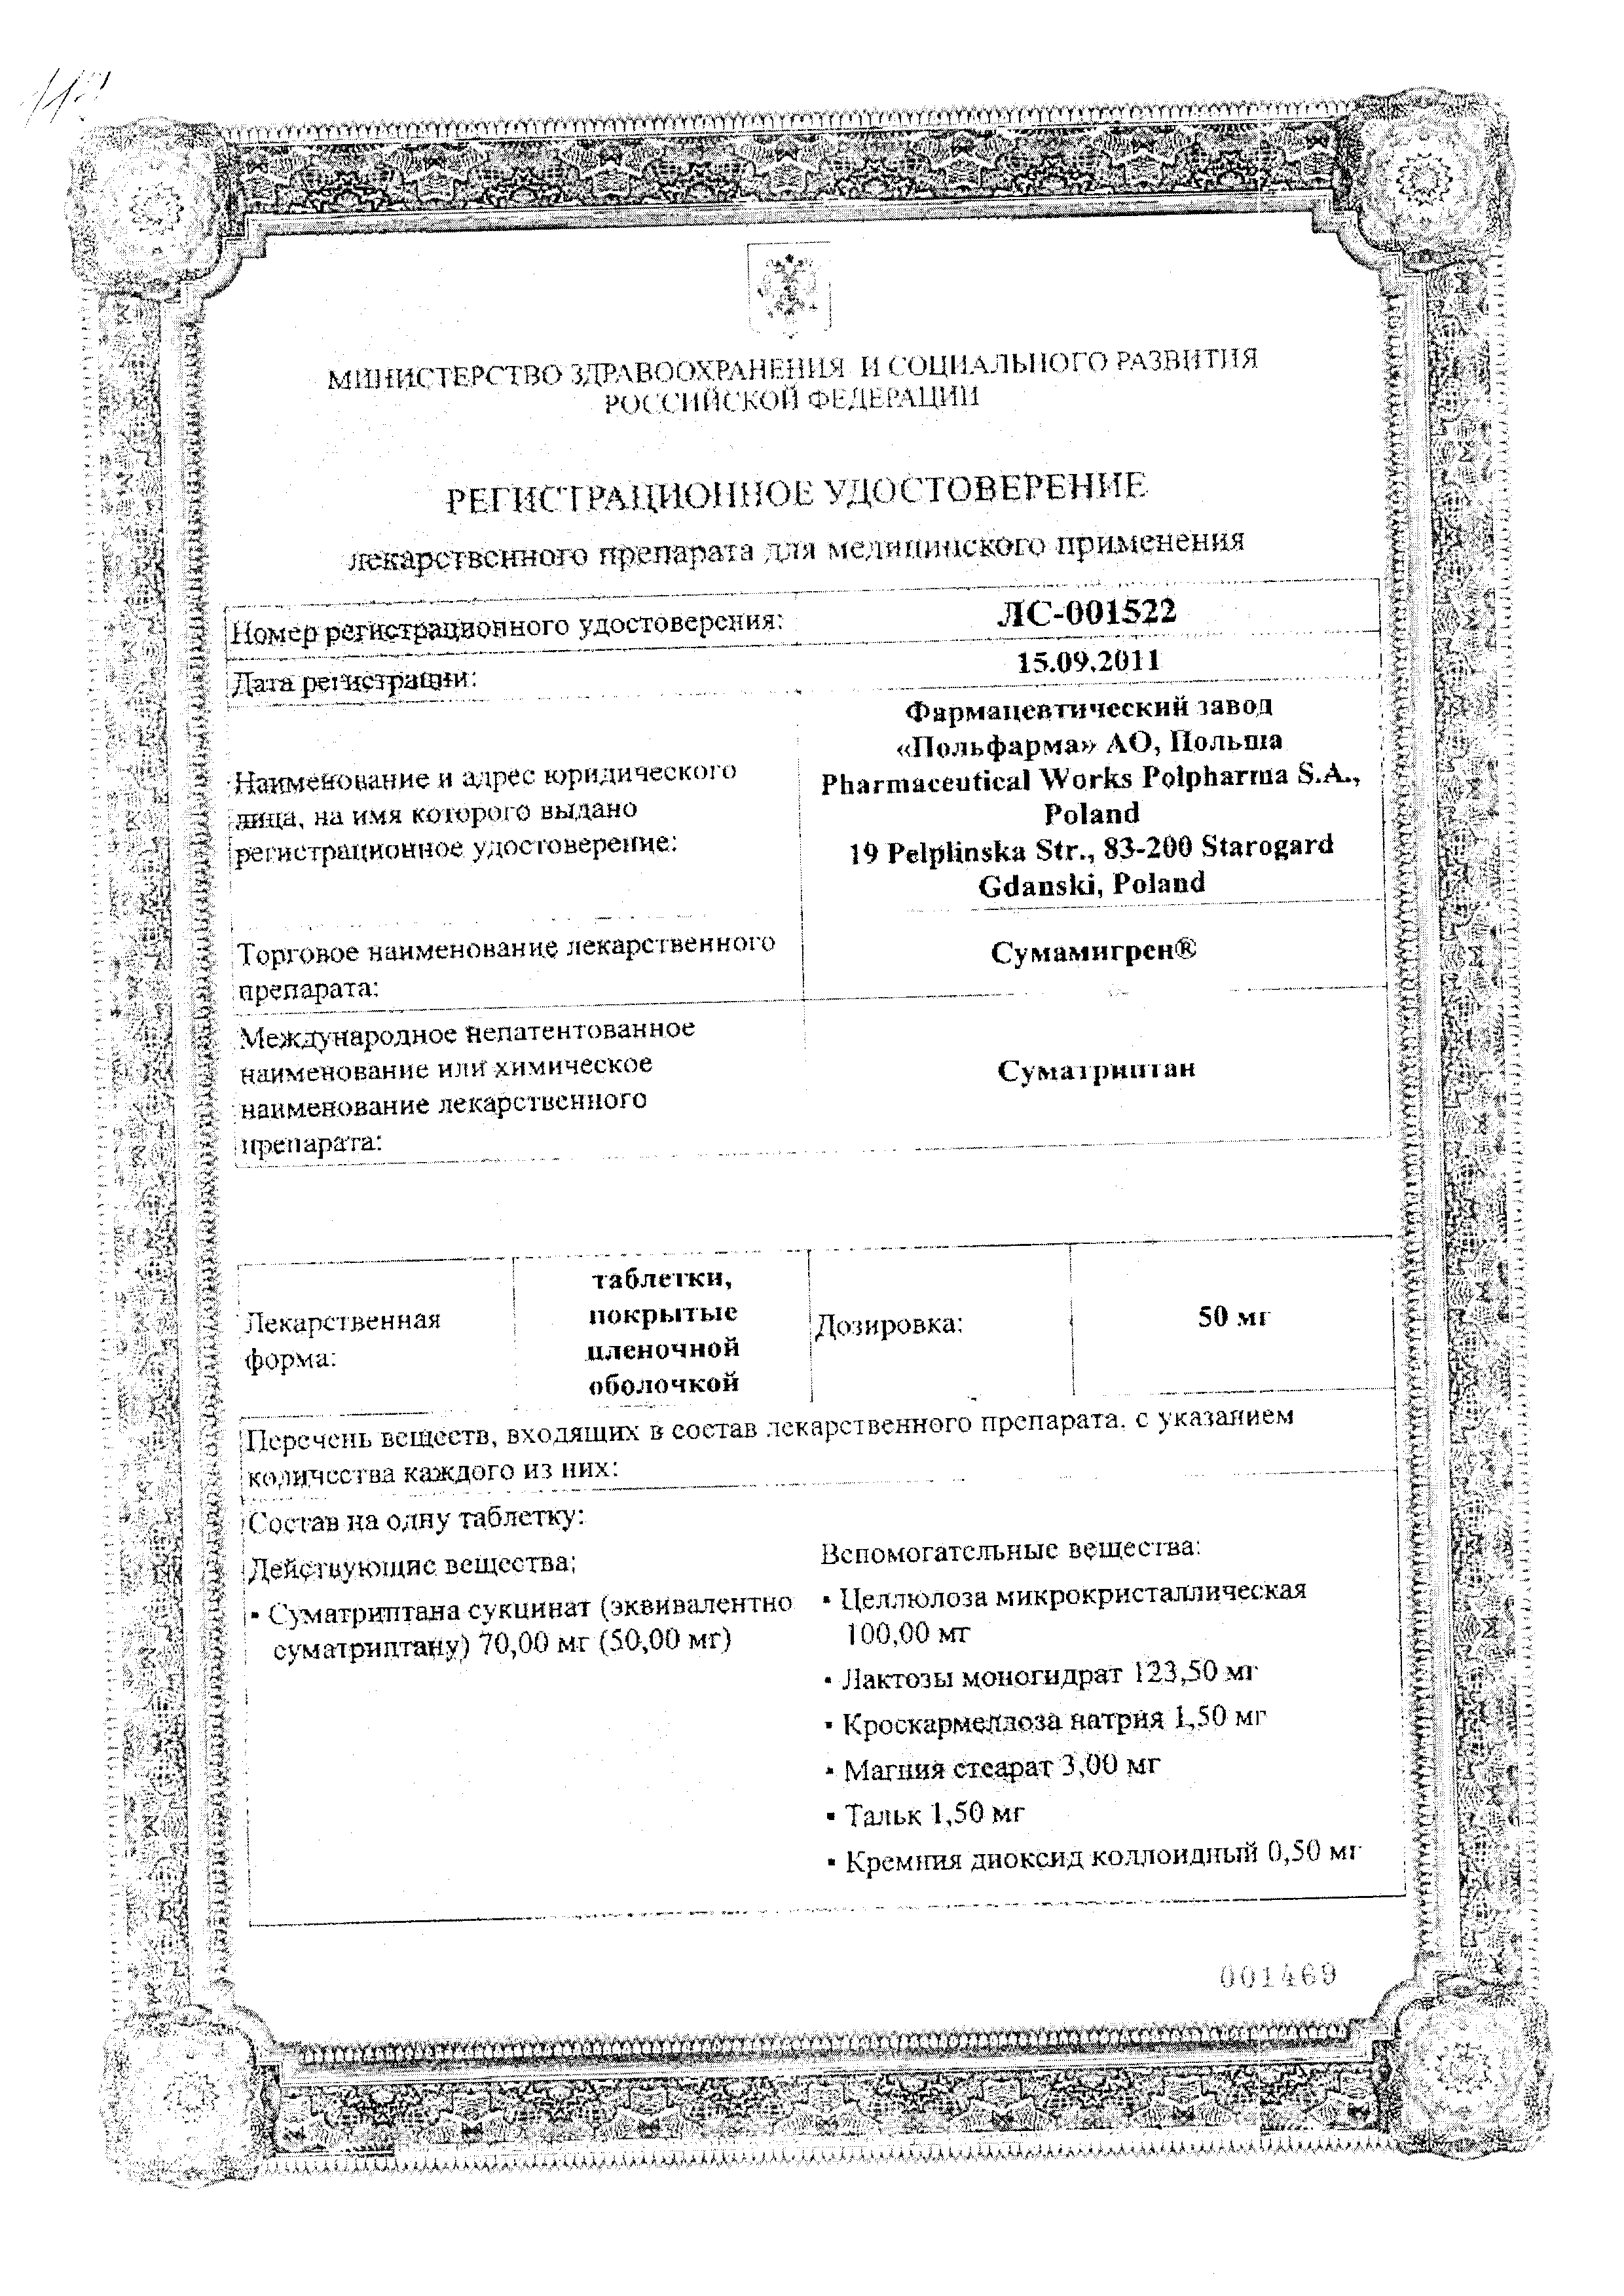 Сумамигрен сертификат